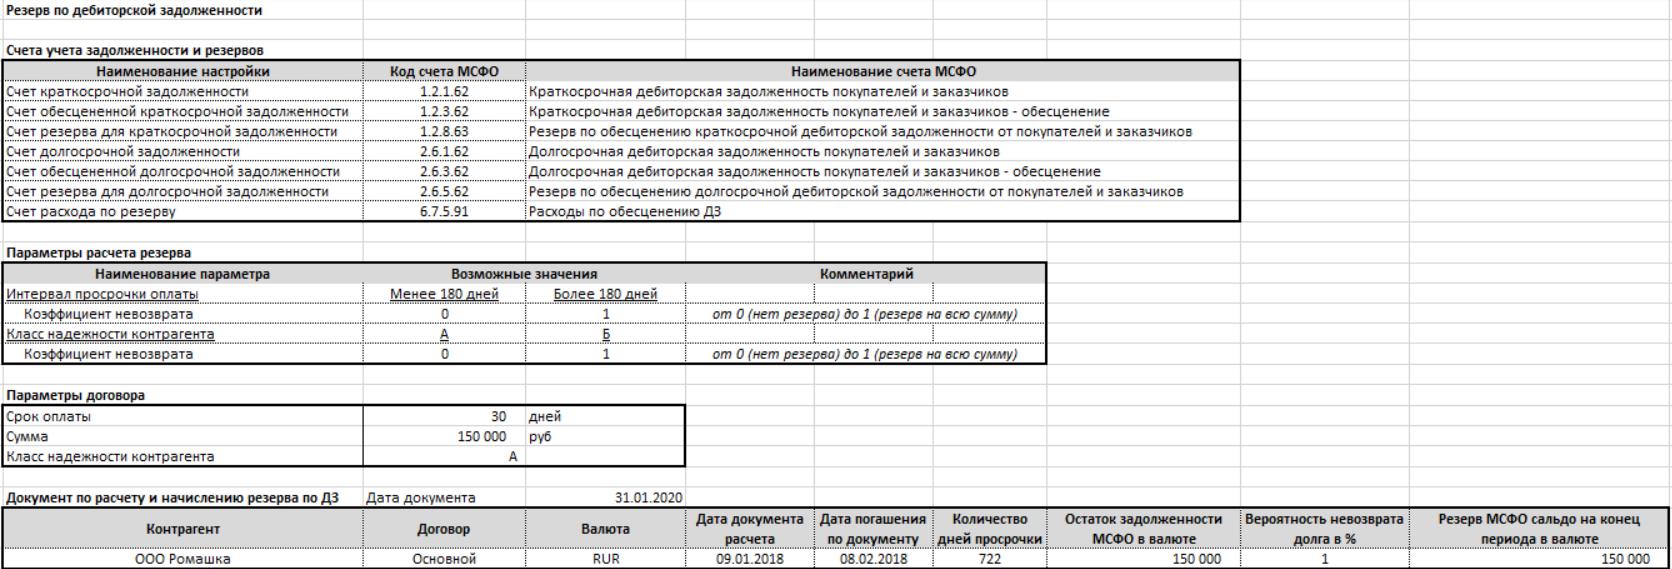 Расчет резерва по дебиторской задолженности по разным параметрам